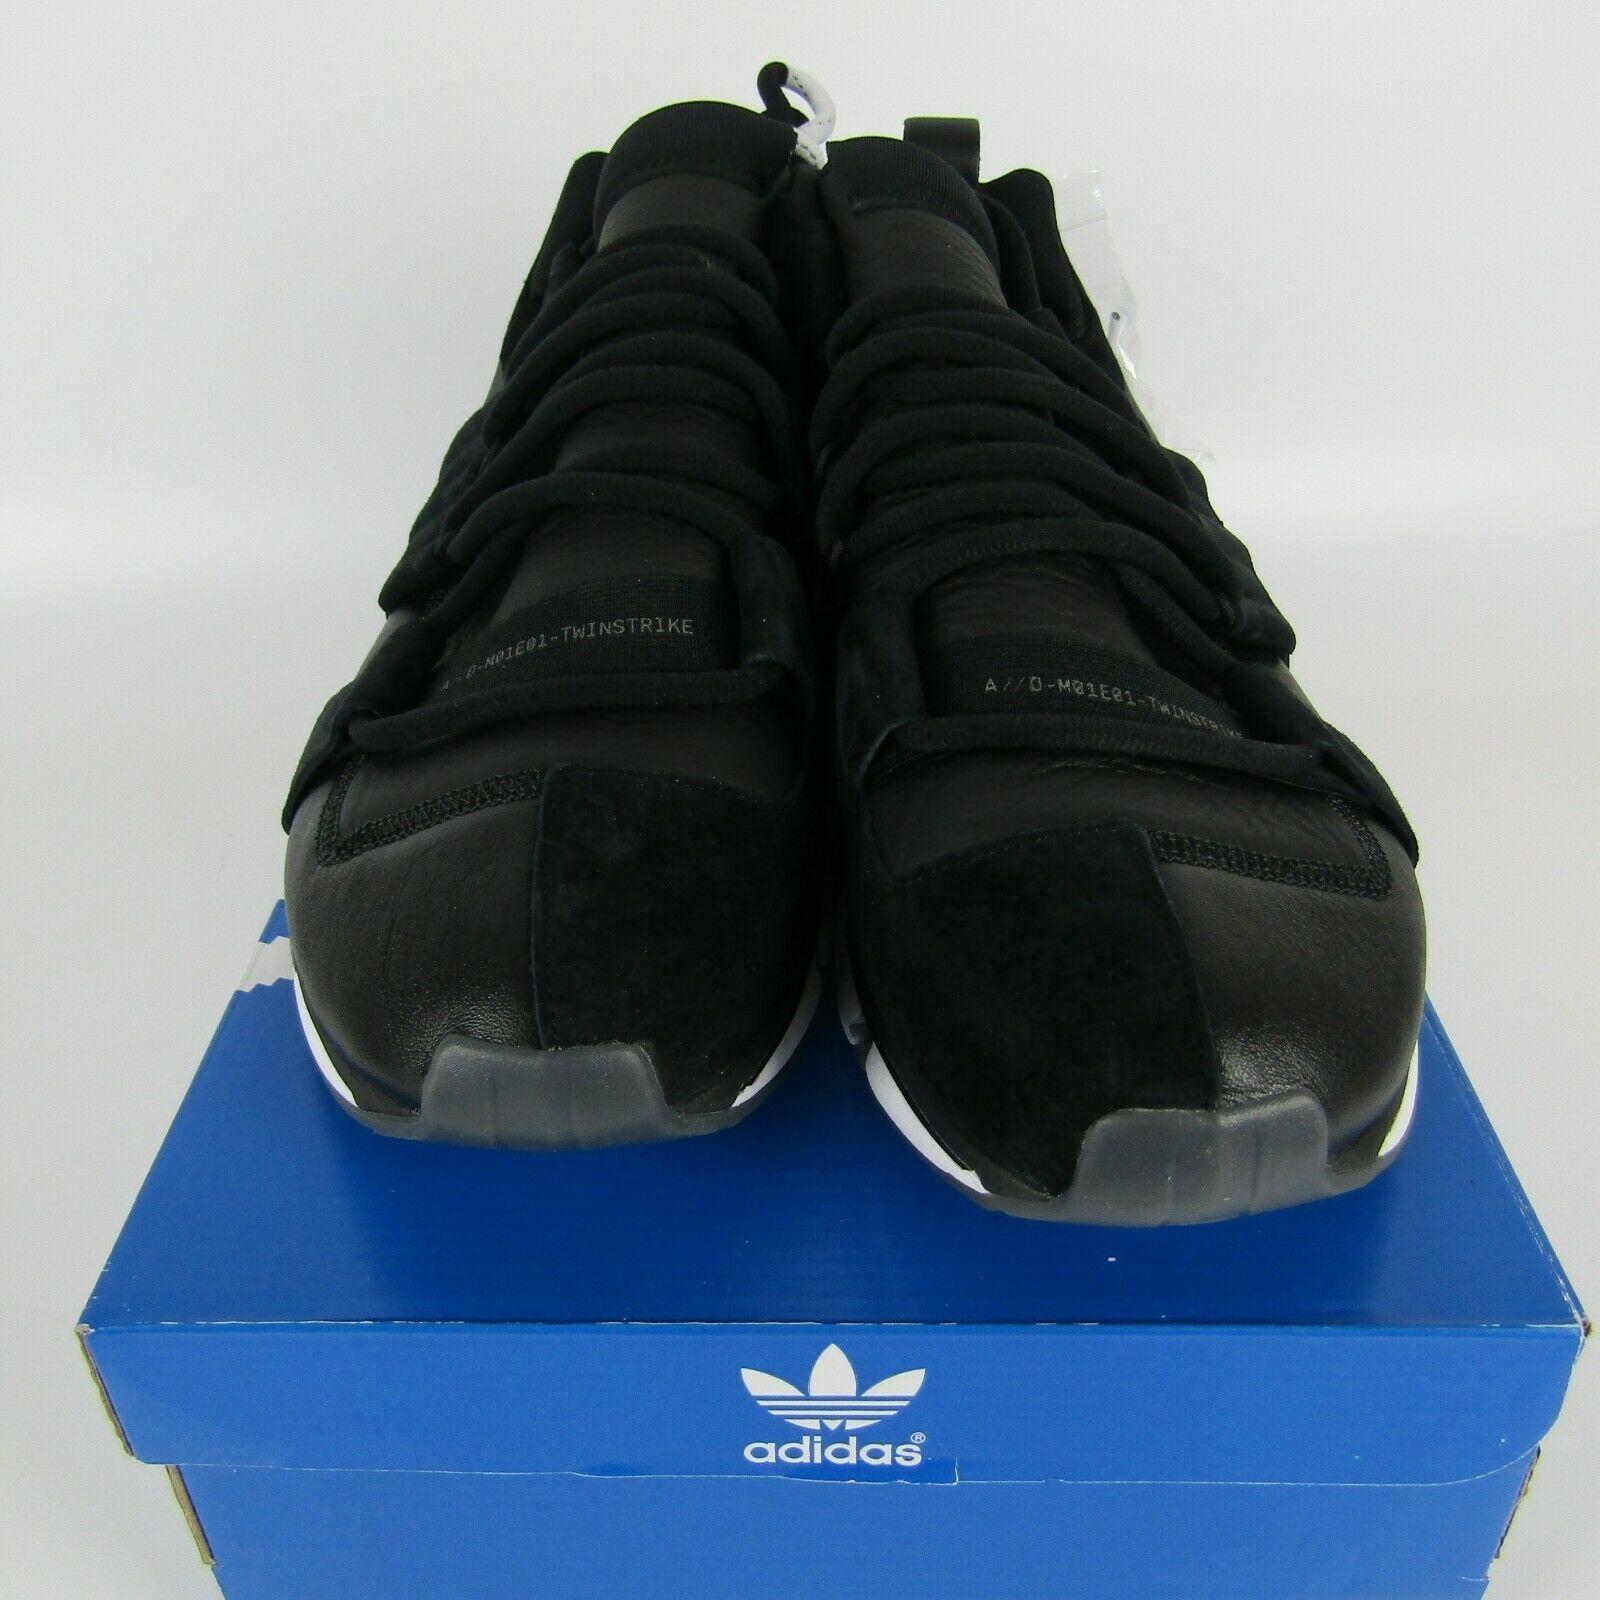 Adidas Twinstrike Adv Elástico Cuero Casual Zapatos Negros Blanco B28015 Size 13 image 3